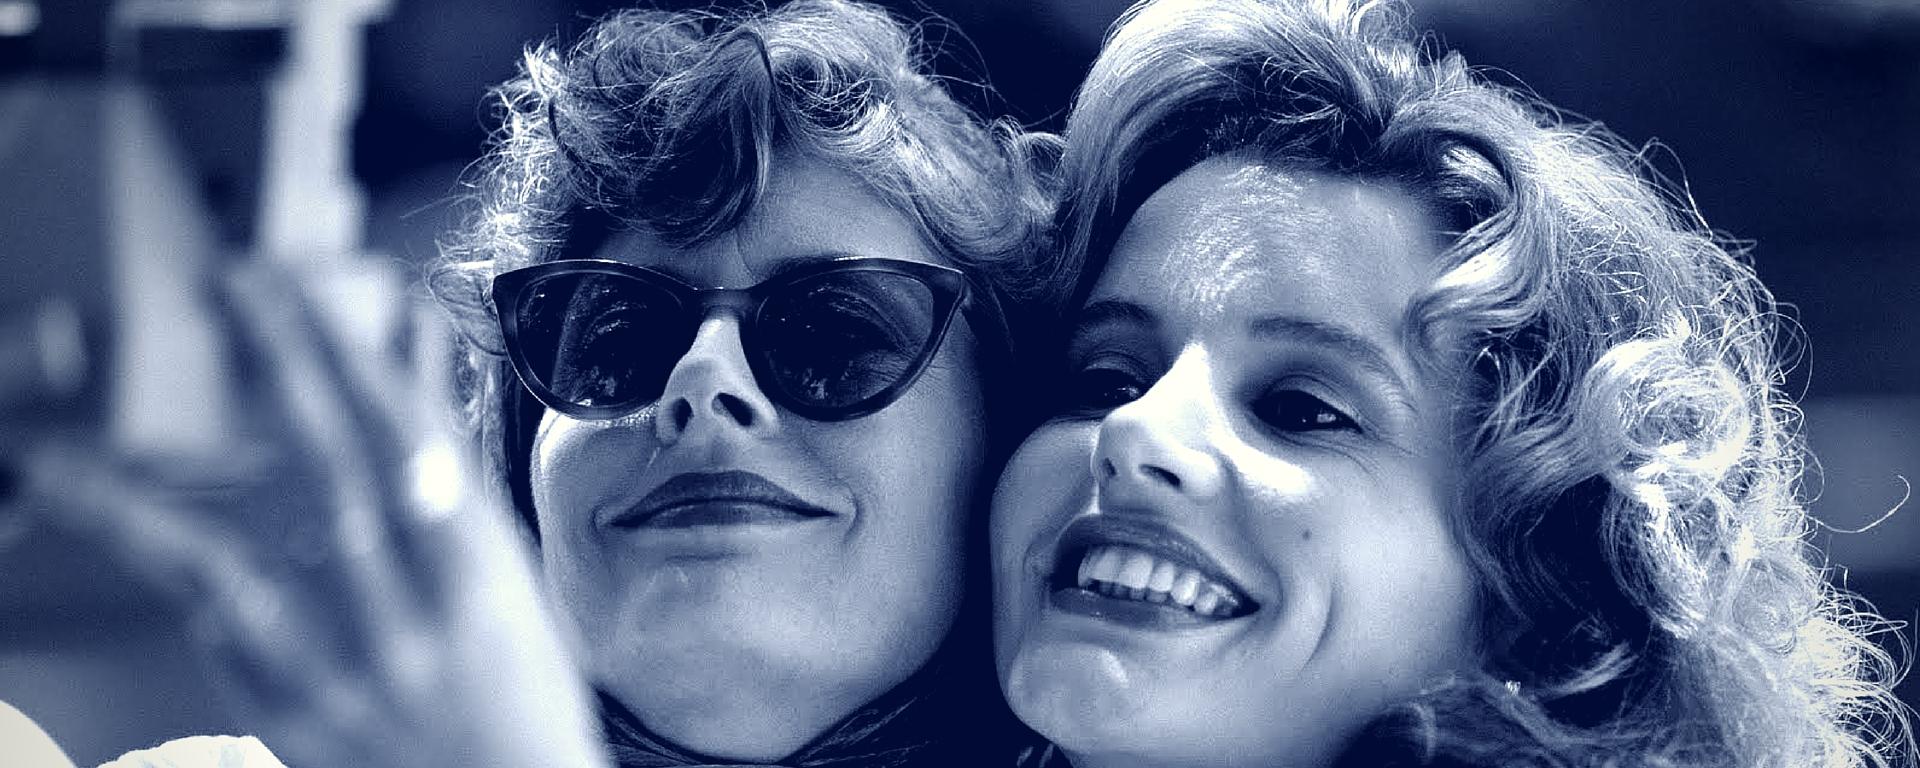 Thelma & Louise in blu